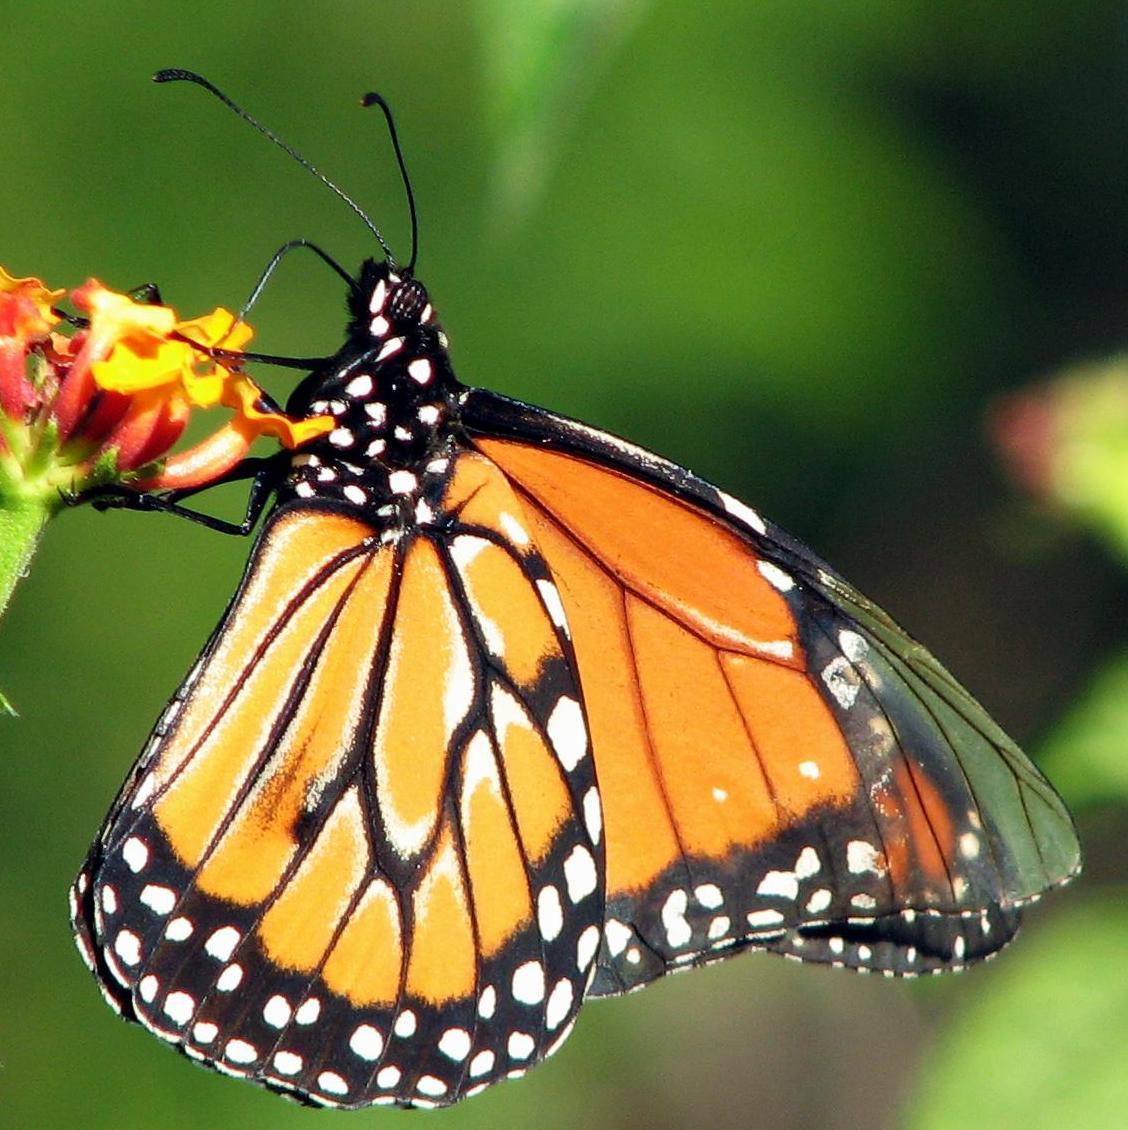 http://3.bp.blogspot.com/_K960bDMuCIE/TMIJKi5DMsI/AAAAAAAAAJo/V7NjRdLxlS4/s1600/monarca1.jpg